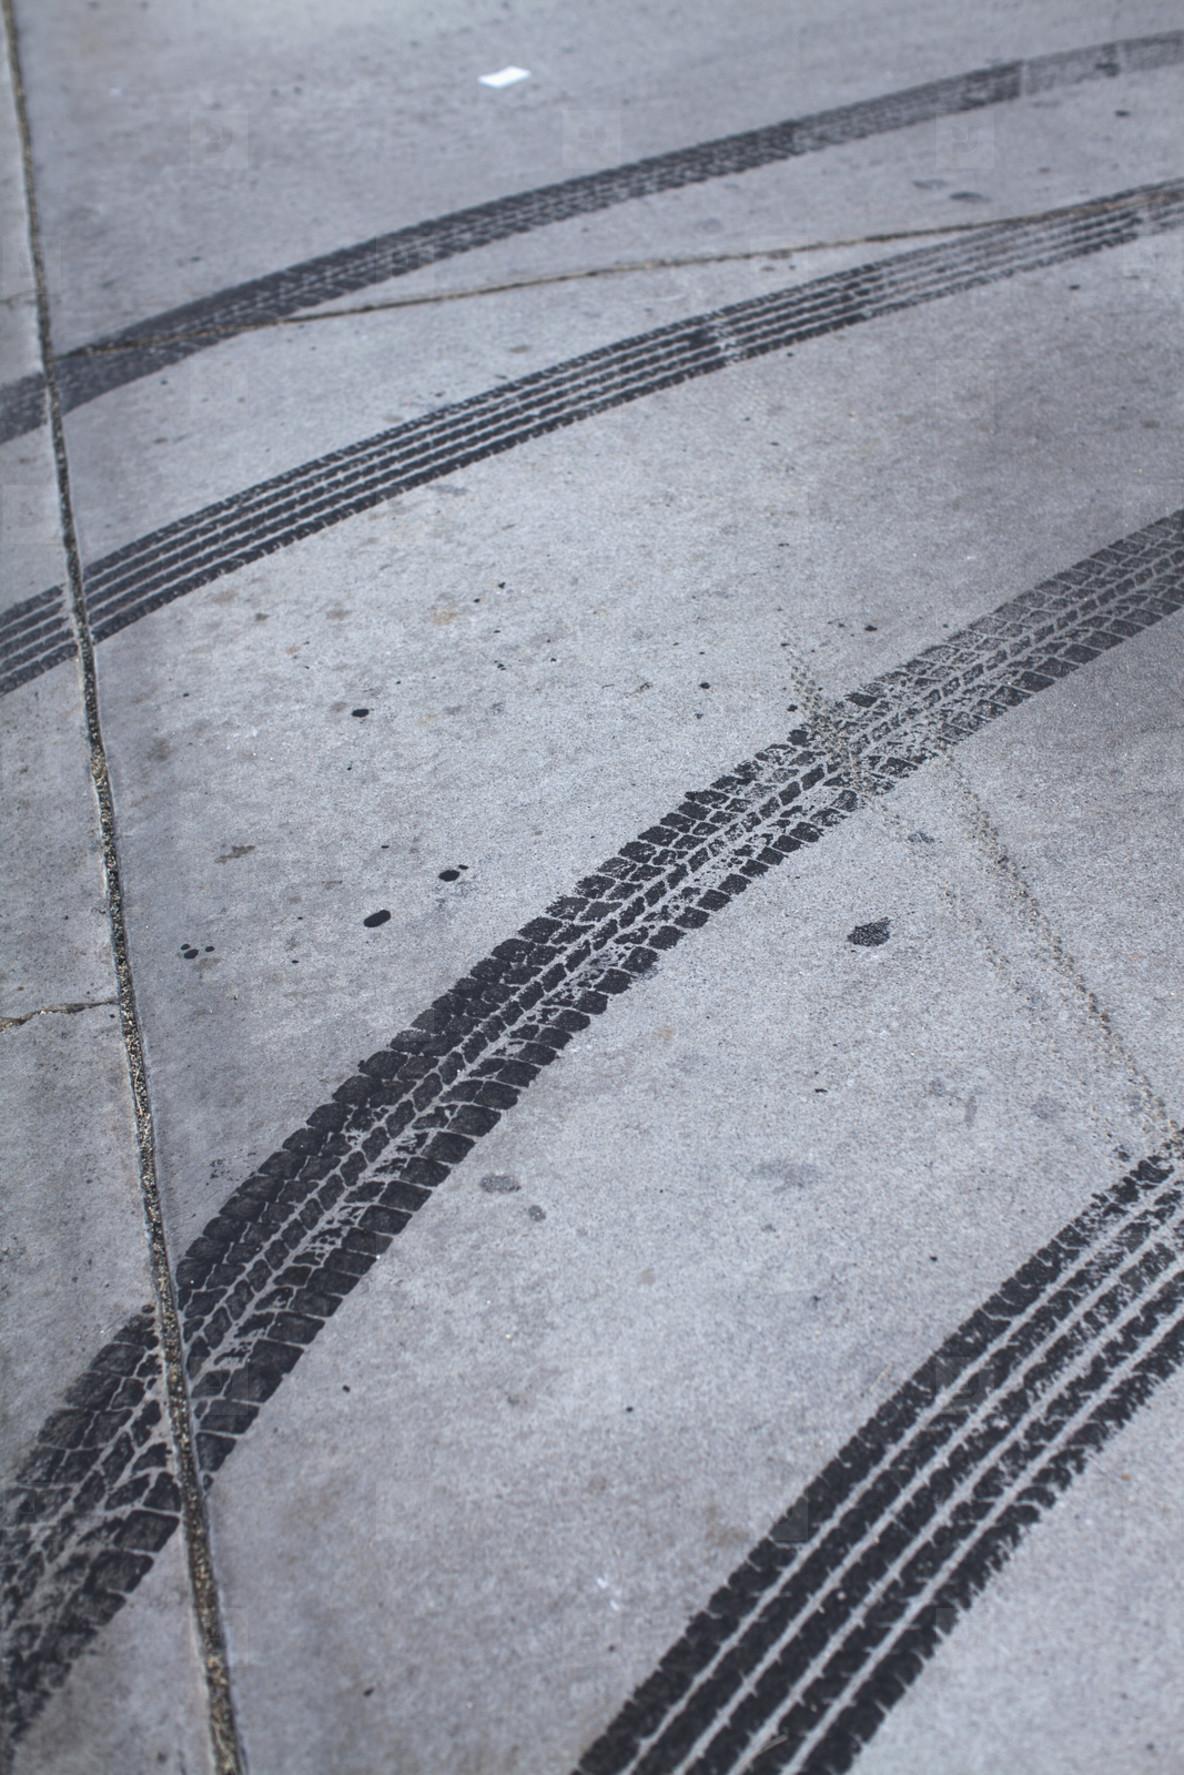 следы от покрышек велосипеда на линолеуме